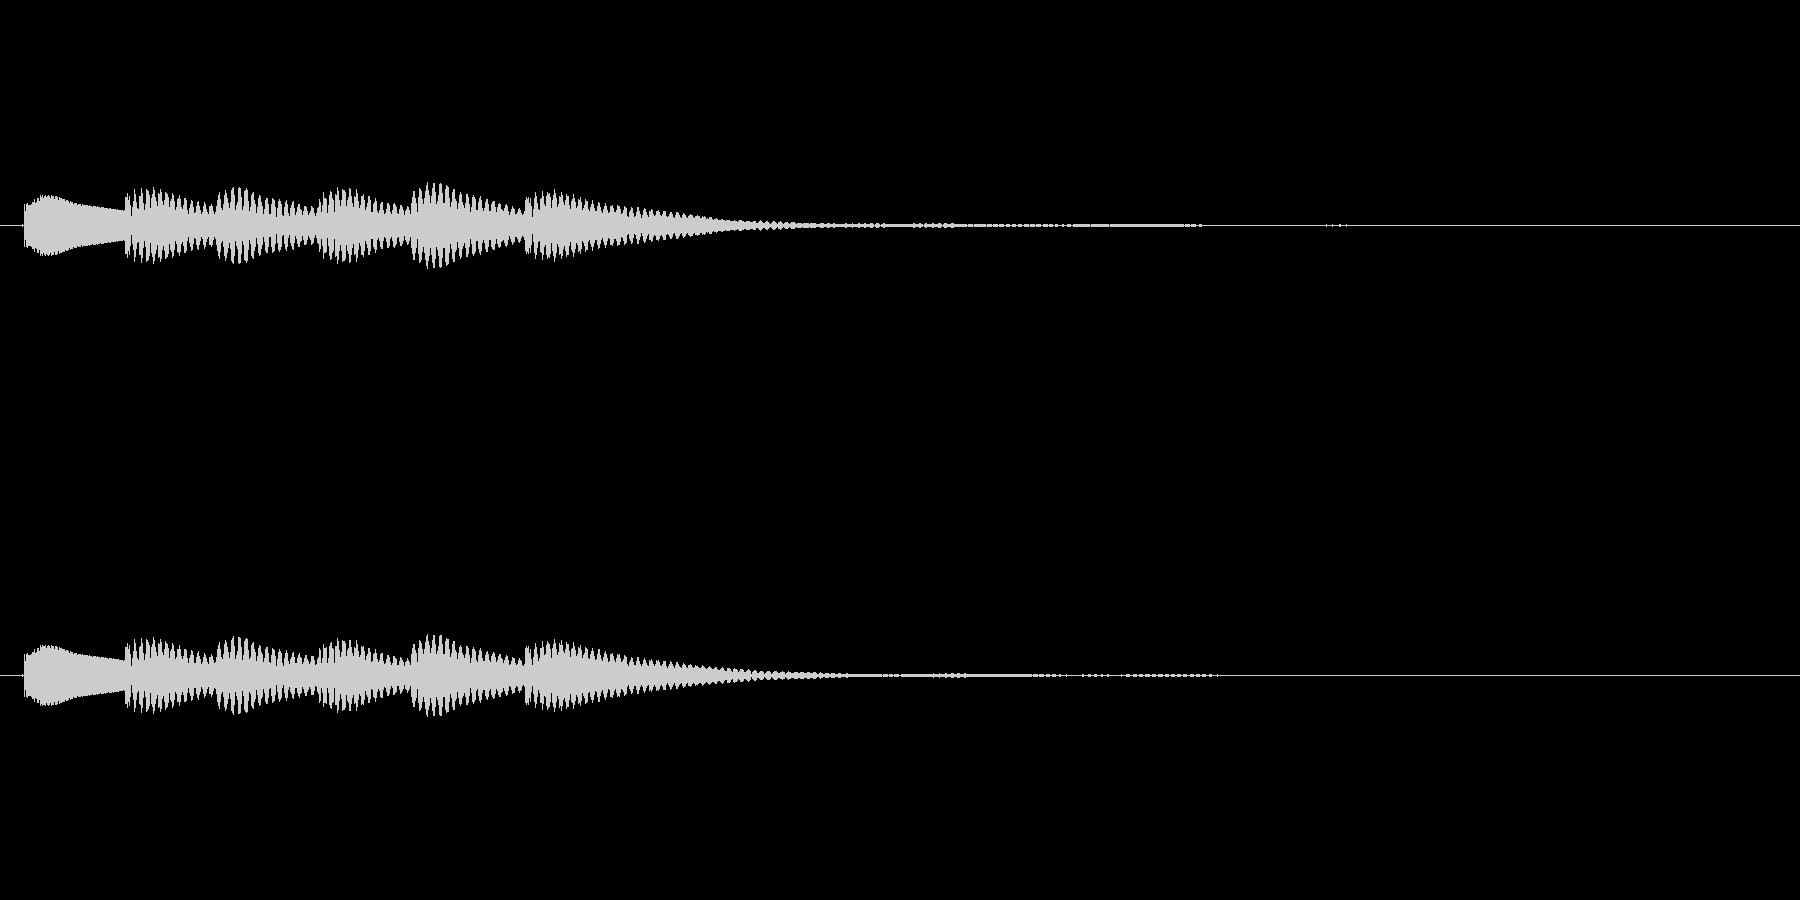 クイズで正解した時などに使われる効果音…の未再生の波形